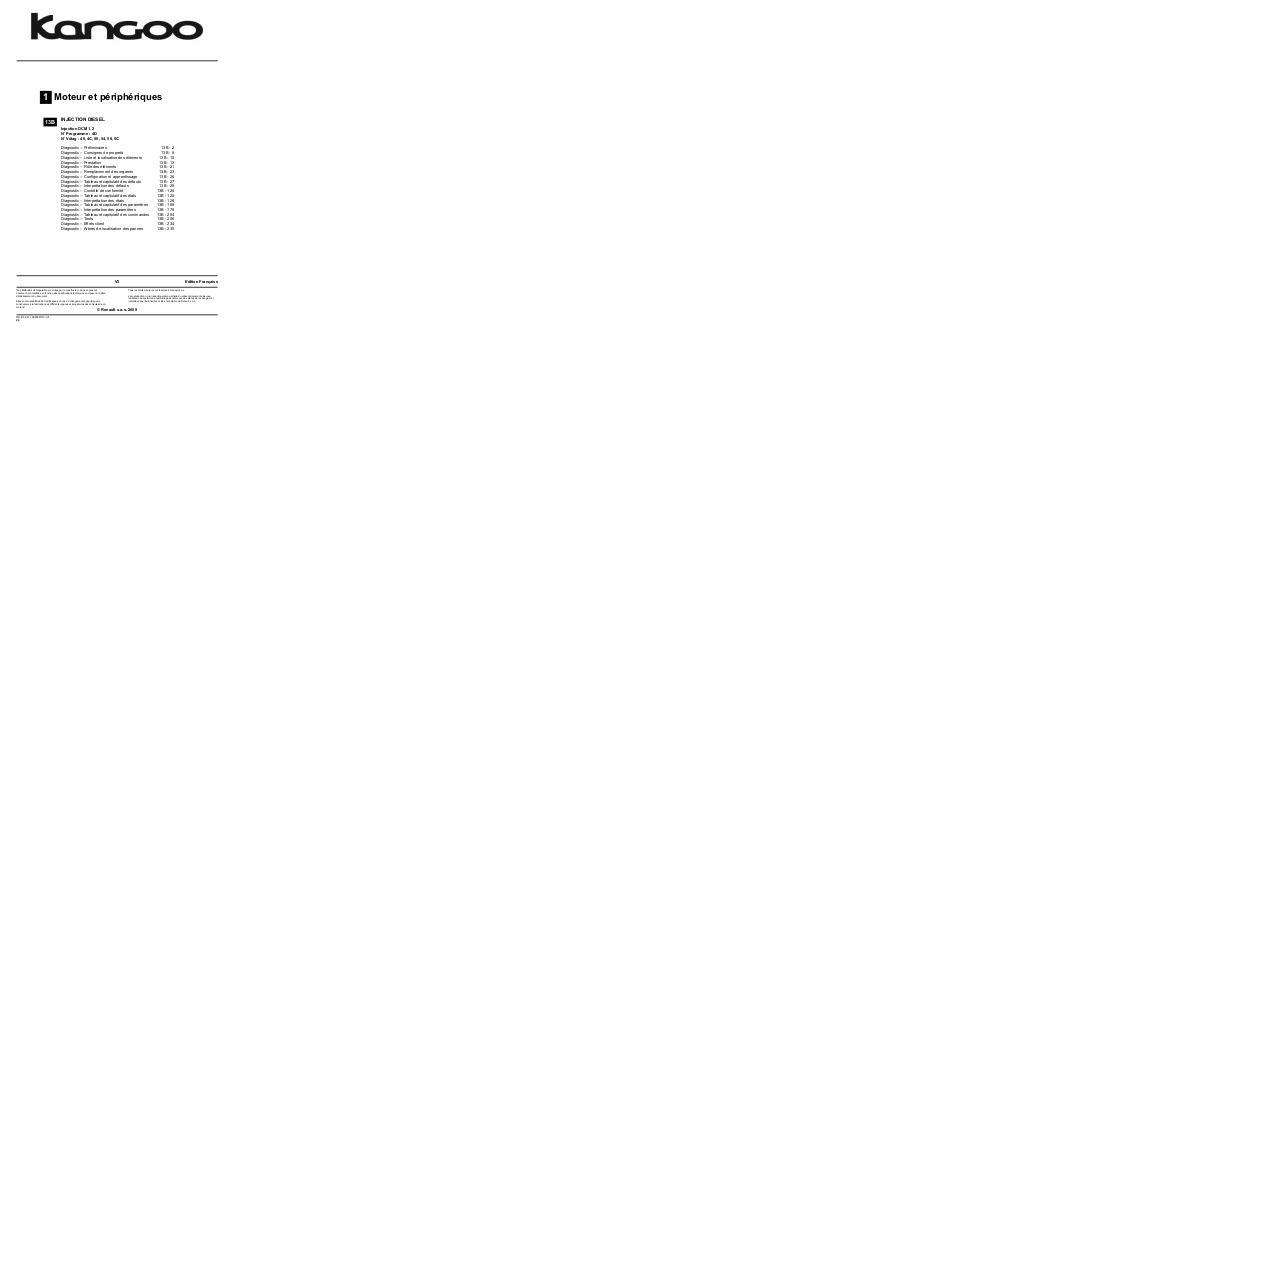 MR 419 X61 13B000 par Doc Maker 1 1 0 - k9k pdf - Fichier PDF